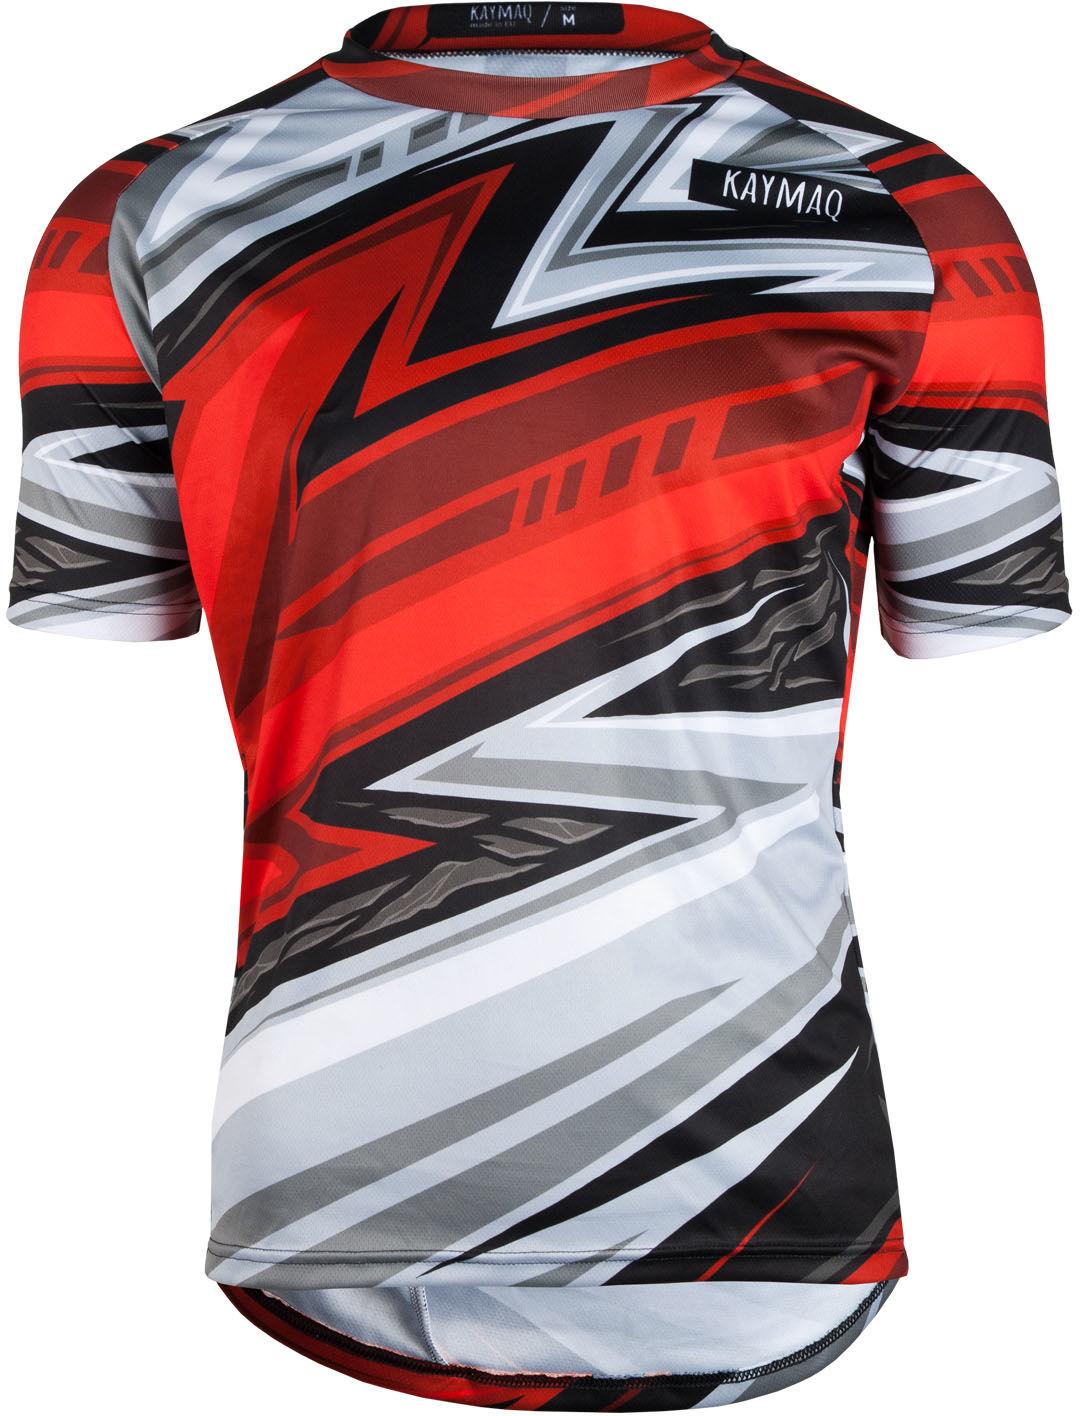 KAYMAQ DESIGN M50 męska luźna koszulka rowerowa MTB czerwona Rozmiar: XL,KMQ-MTB-M50-red